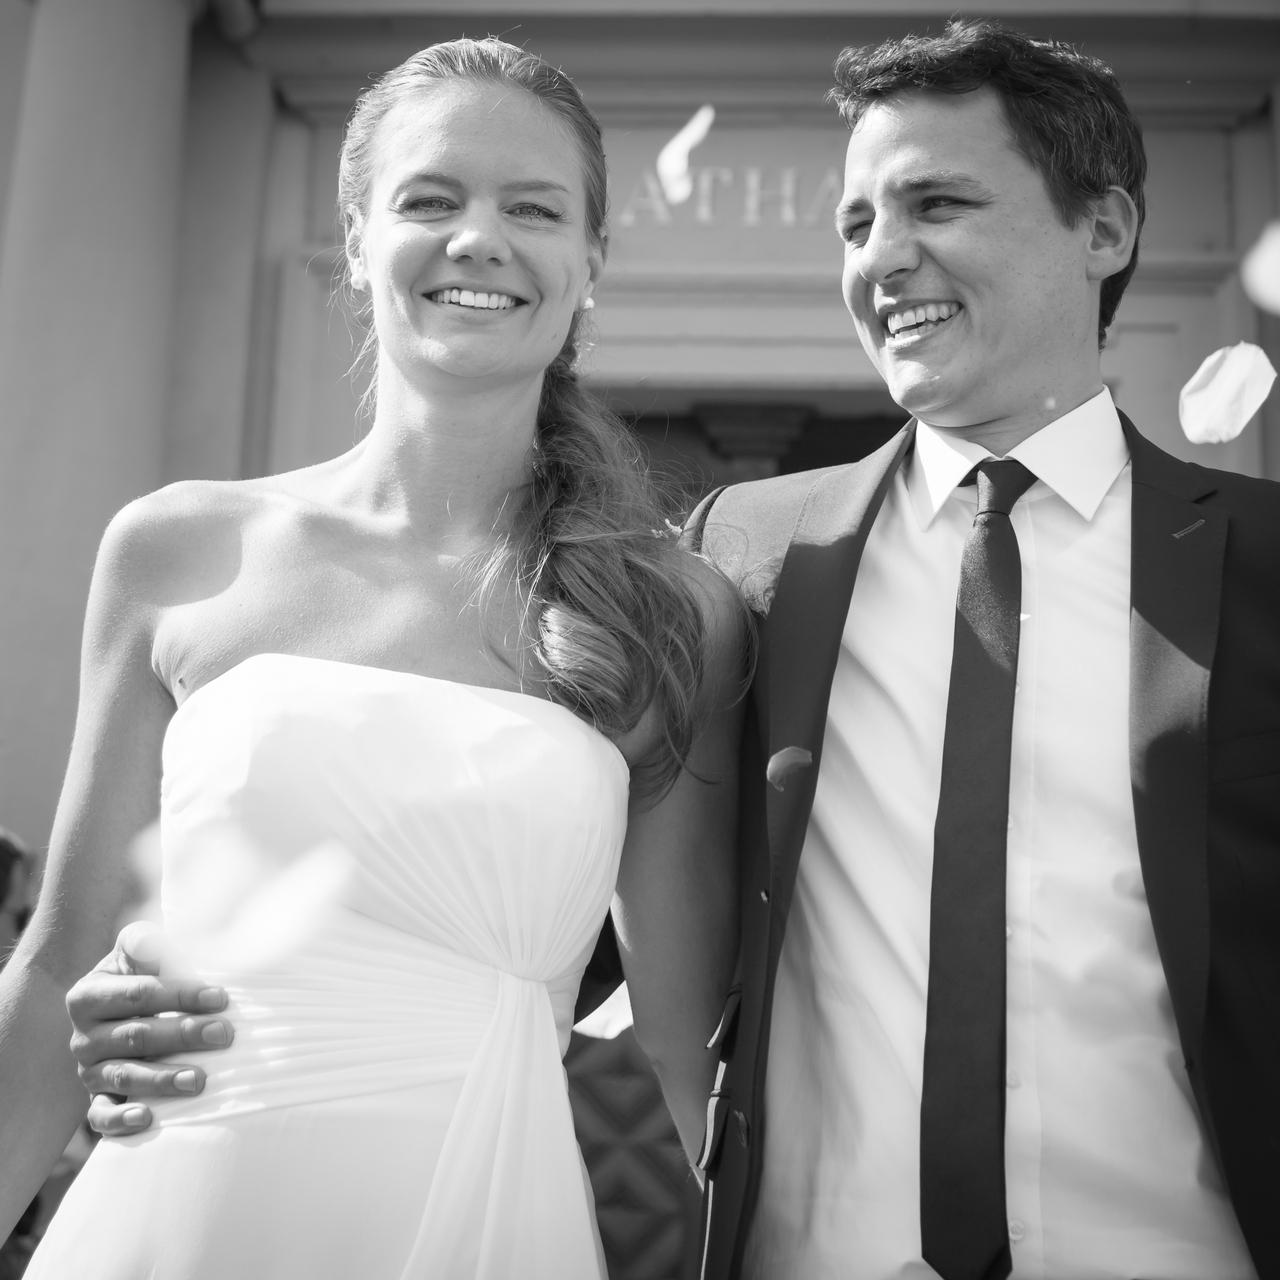 Hochzeit-M+M 2015-Ihr-09-3